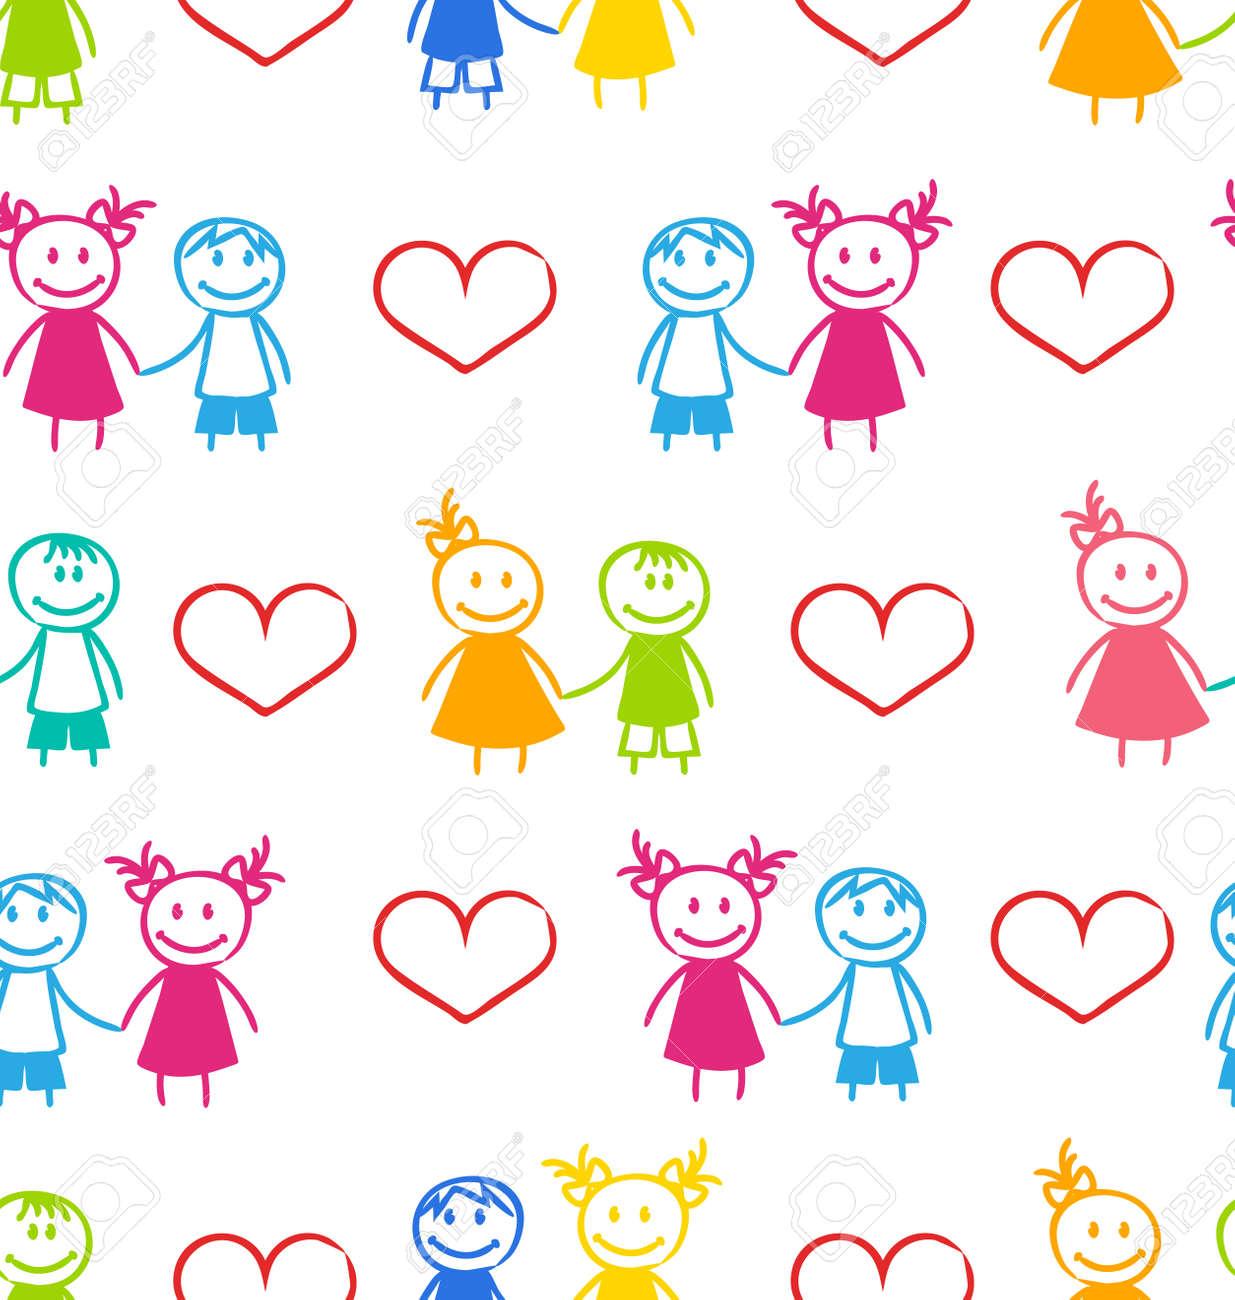 イラストのカラフルな子供たちのカップルでロマンチックな壁紙の